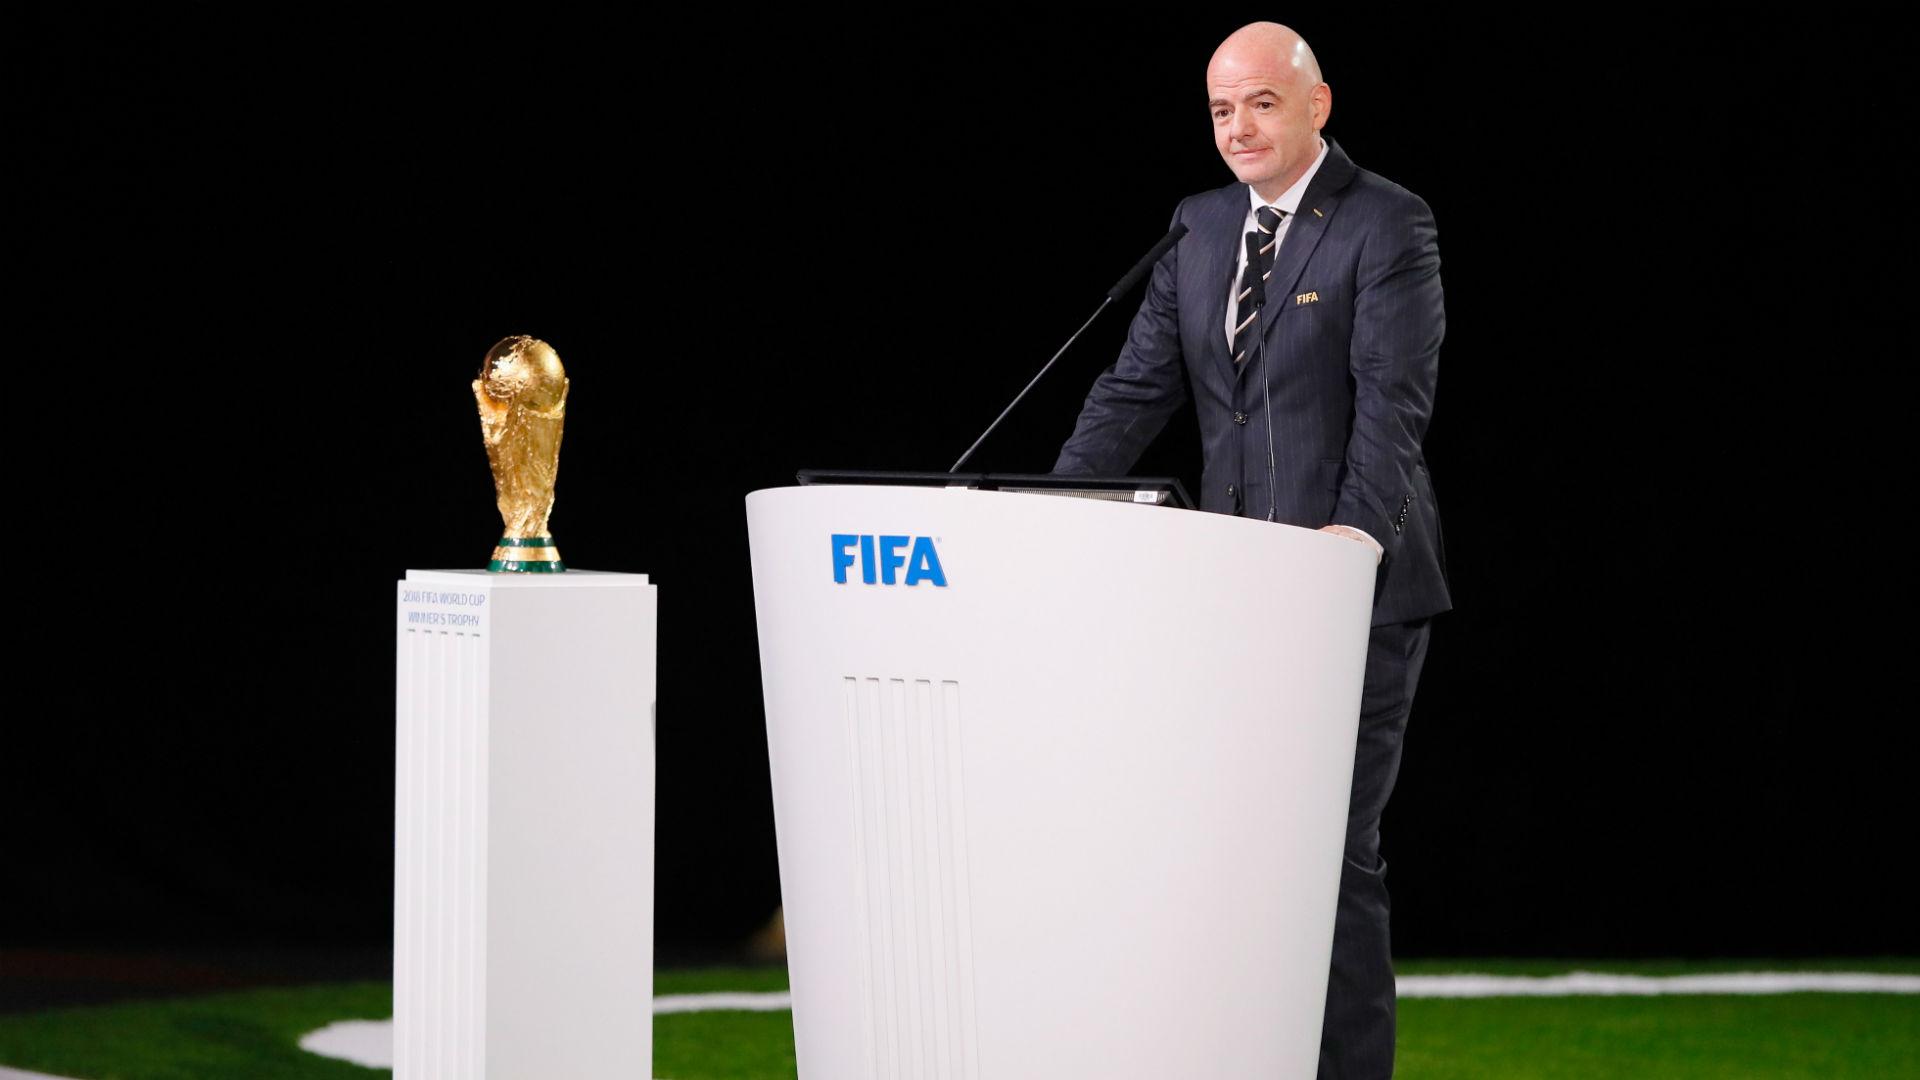 Fifa-president-gianni-infantino-ftr-jpg_1l50jwloyufwz1vjlug990femt